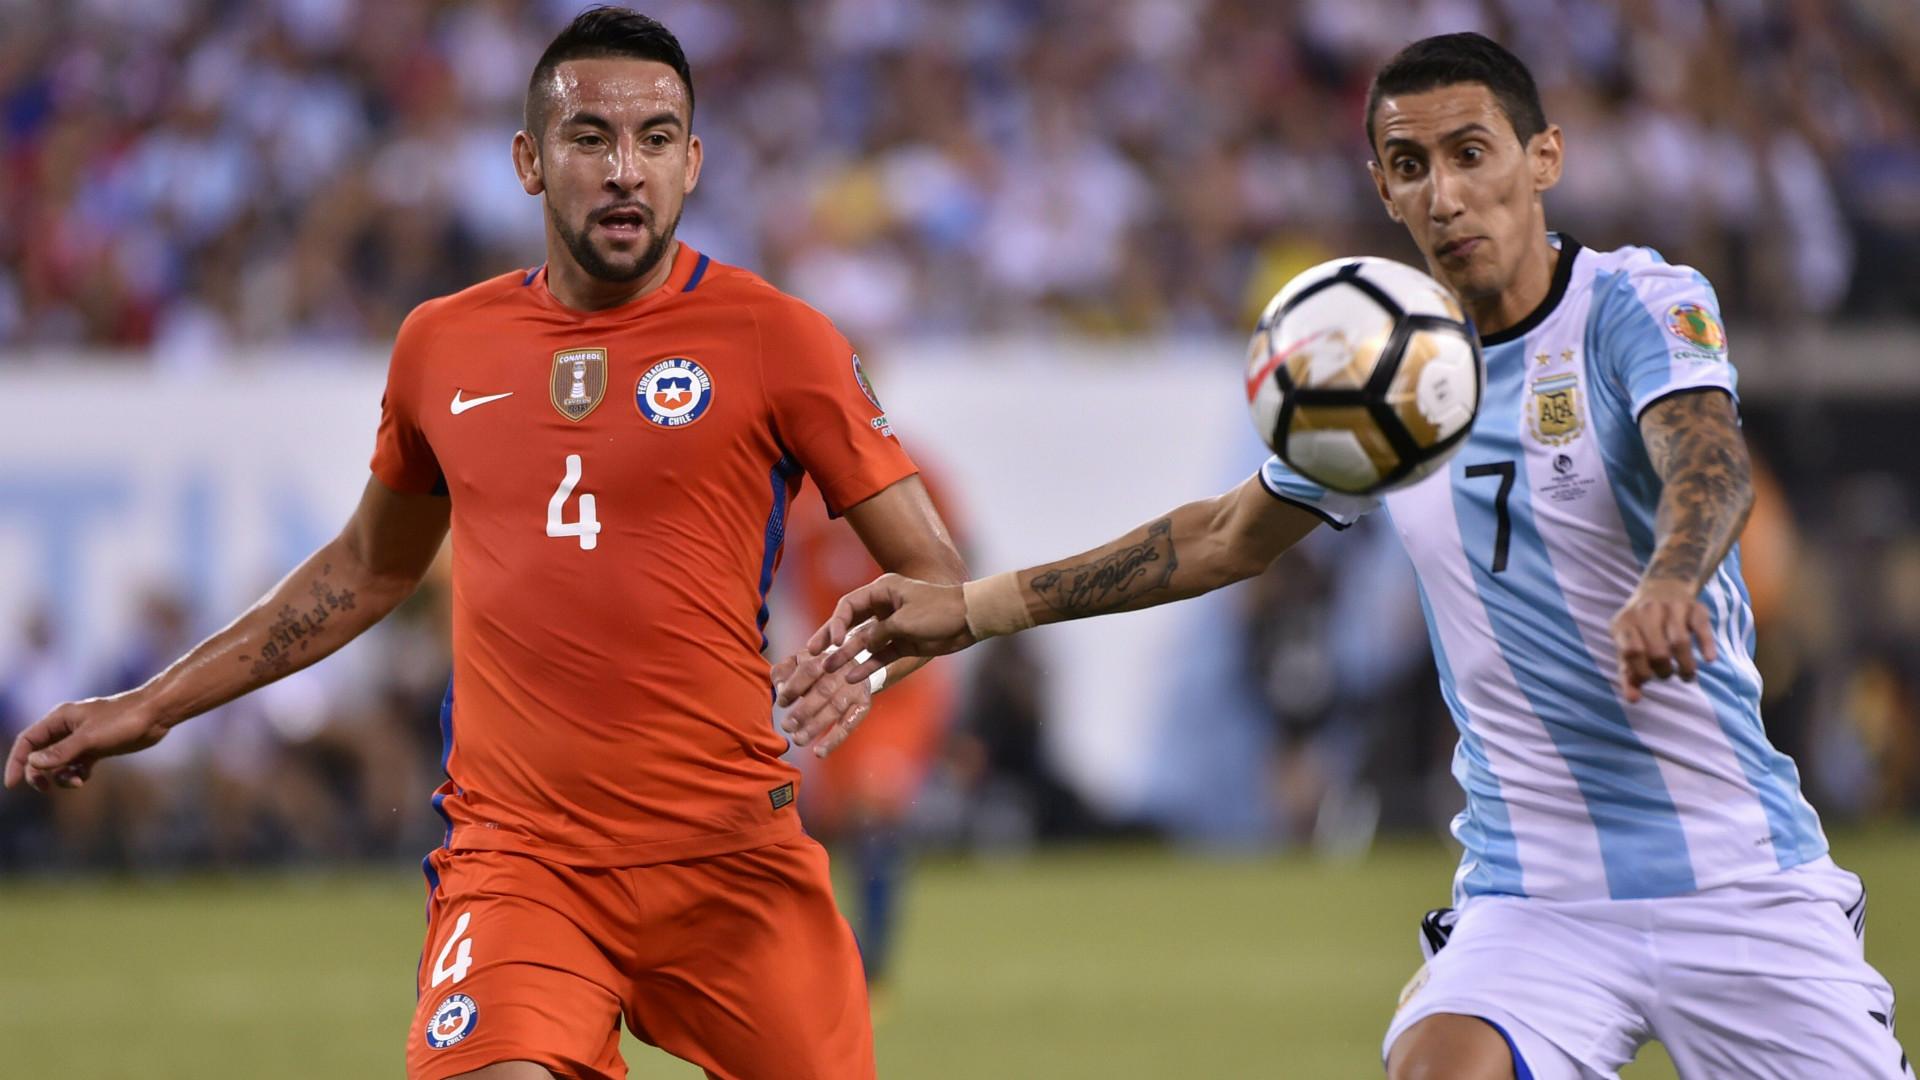 Mauricio Isla Angel Di Maria Argentina Chile Final Copa America Centenario 26062016